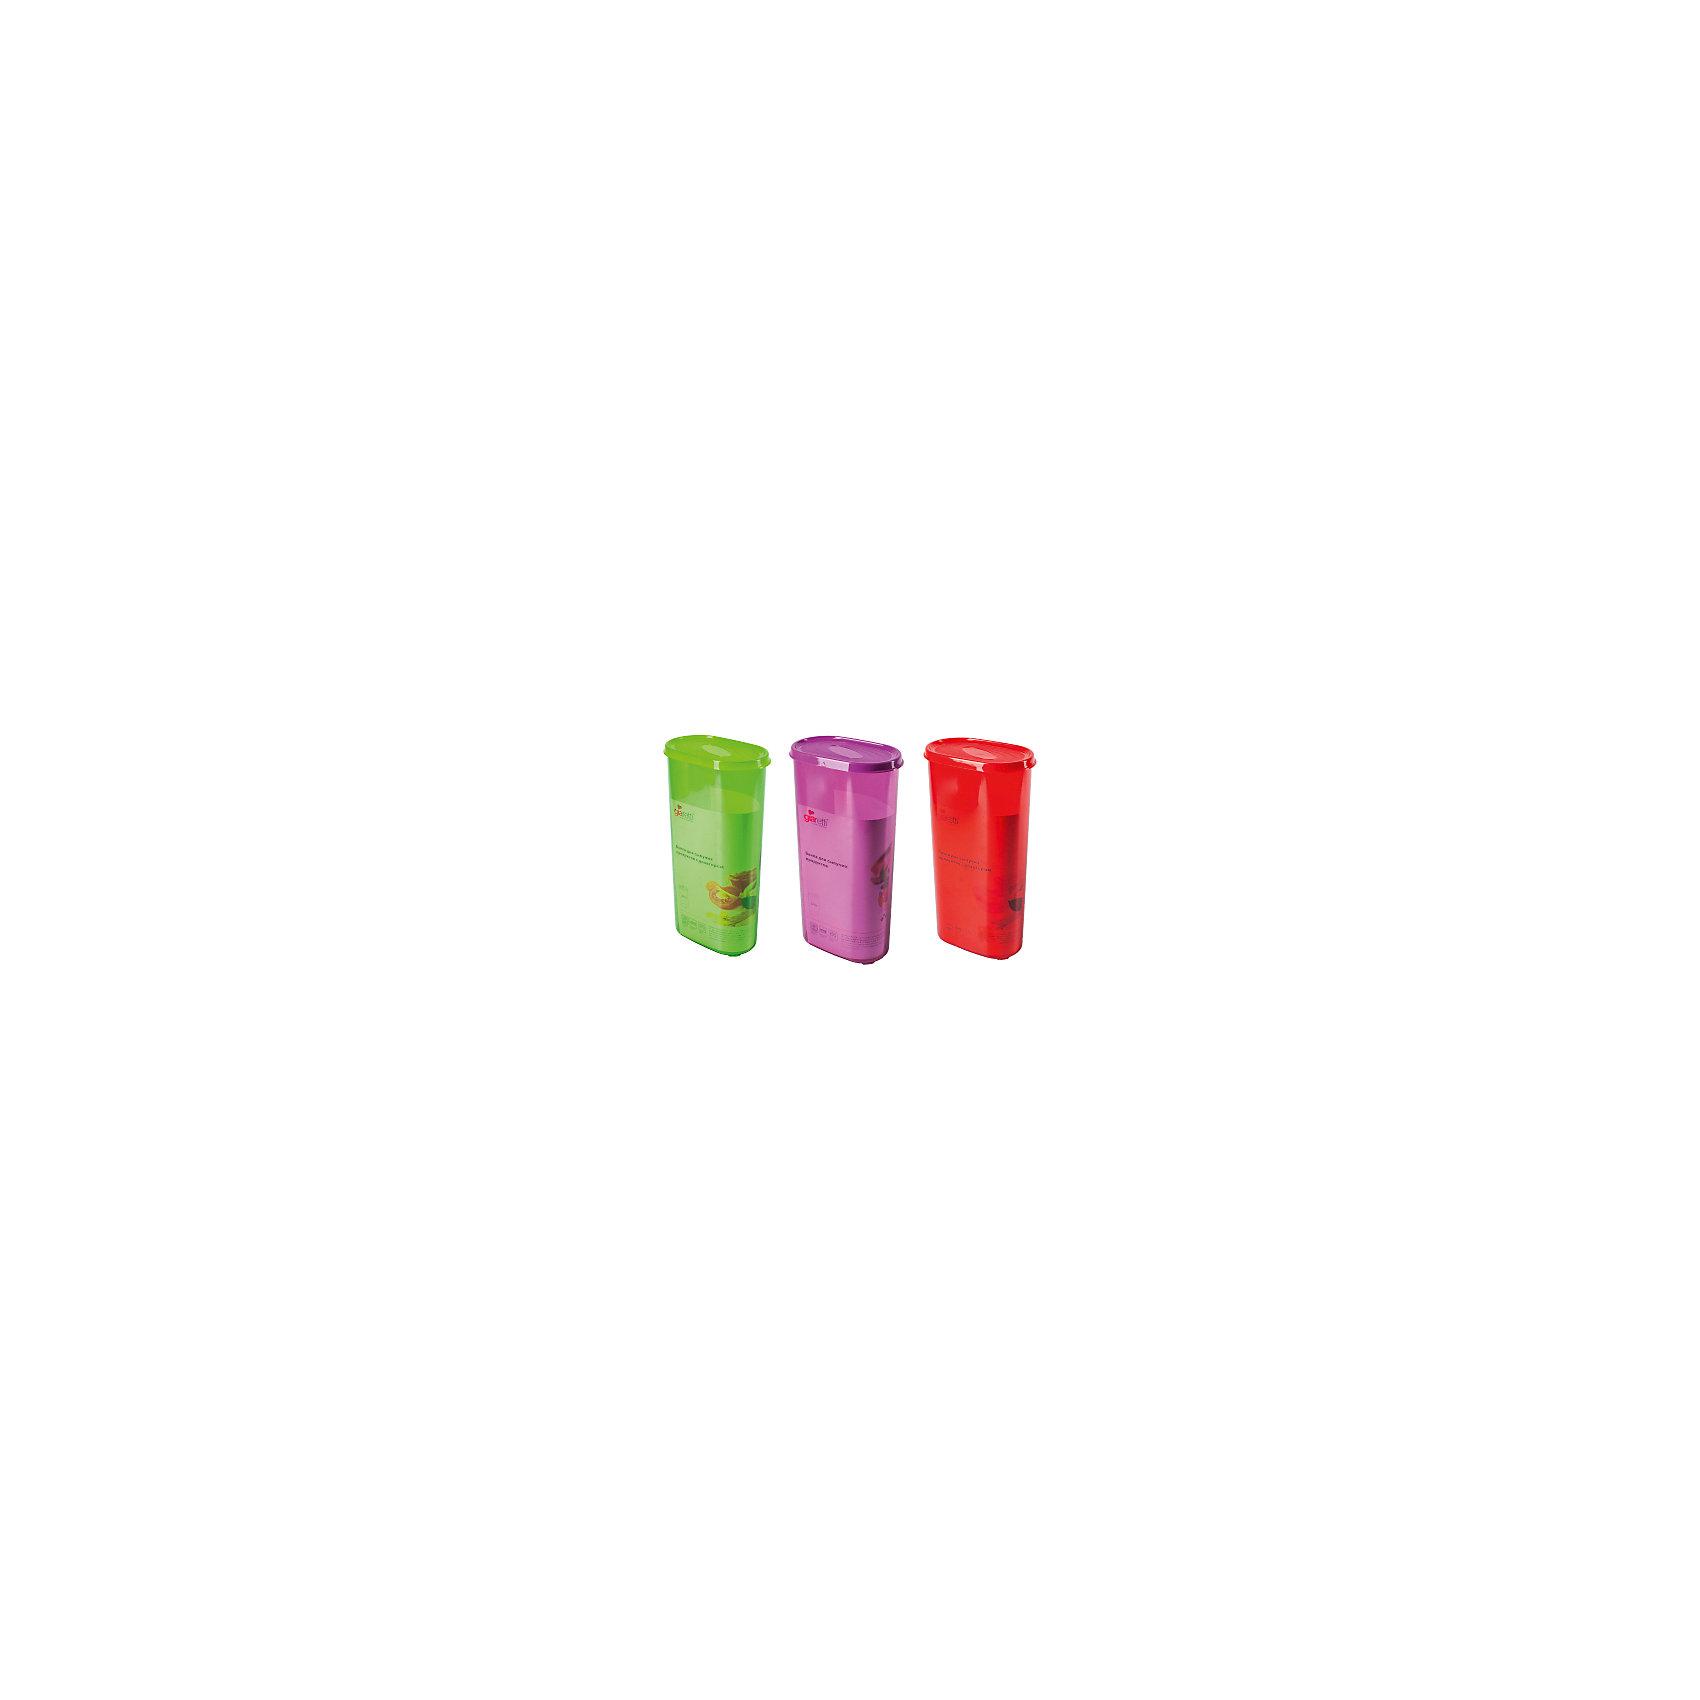 Банка для сыпучих продуктов 2,4 л, GiarettiПосуда<br>Банка для сыпучих продуктов 2,4 л, Giaretti<br><br>Характеристики:<br><br>• Материал: пластик<br>• В комплекте: 1 штука<br>• Объем: 2,4 литра<br>• Используется: для сыпучих продуктов<br><br>Банки данной серии снабжены плотной крышкой, благодаря чему в них удобно хранить даже специи, ведь они не пропускают запаха. Так же банка может использоваться для хранения сыпучих продуктов - круп, сахара, макарон и тд. Благодаря тому, что изделие изготовлено из высококачественного пищевого пластика, оно не влияет на вкус и запах хранящихся продуктов, а удобная форма позволят хранить не использующиеся банки, ставя их друг в друга для экономии пространства.<br><br>Банка для сыпучих продуктов 2,4 л, Giaretti можно купить в нашем интернет-магазине.<br><br>Ширина мм: 155<br>Глубина мм: 90<br>Высота мм: 285<br>Вес г: 297<br>Возраст от месяцев: 216<br>Возраст до месяцев: 1188<br>Пол: Унисекс<br>Возраст: Детский<br>SKU: 5545629